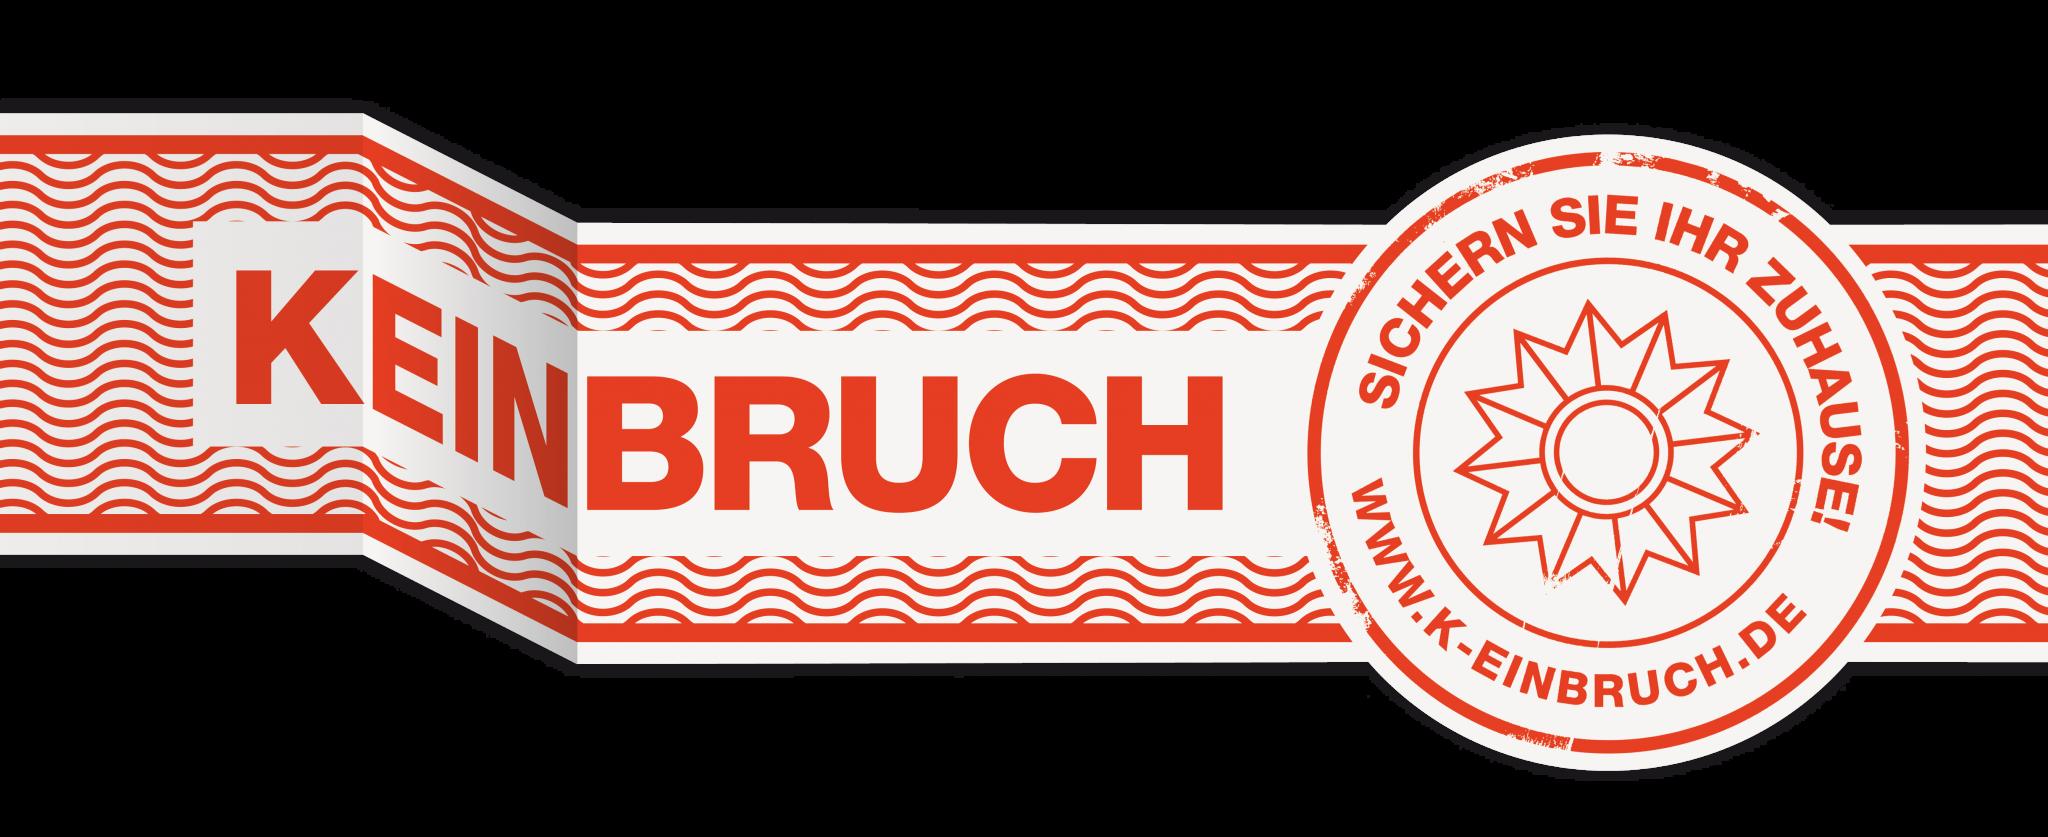 http://www.k-einbruch.de/